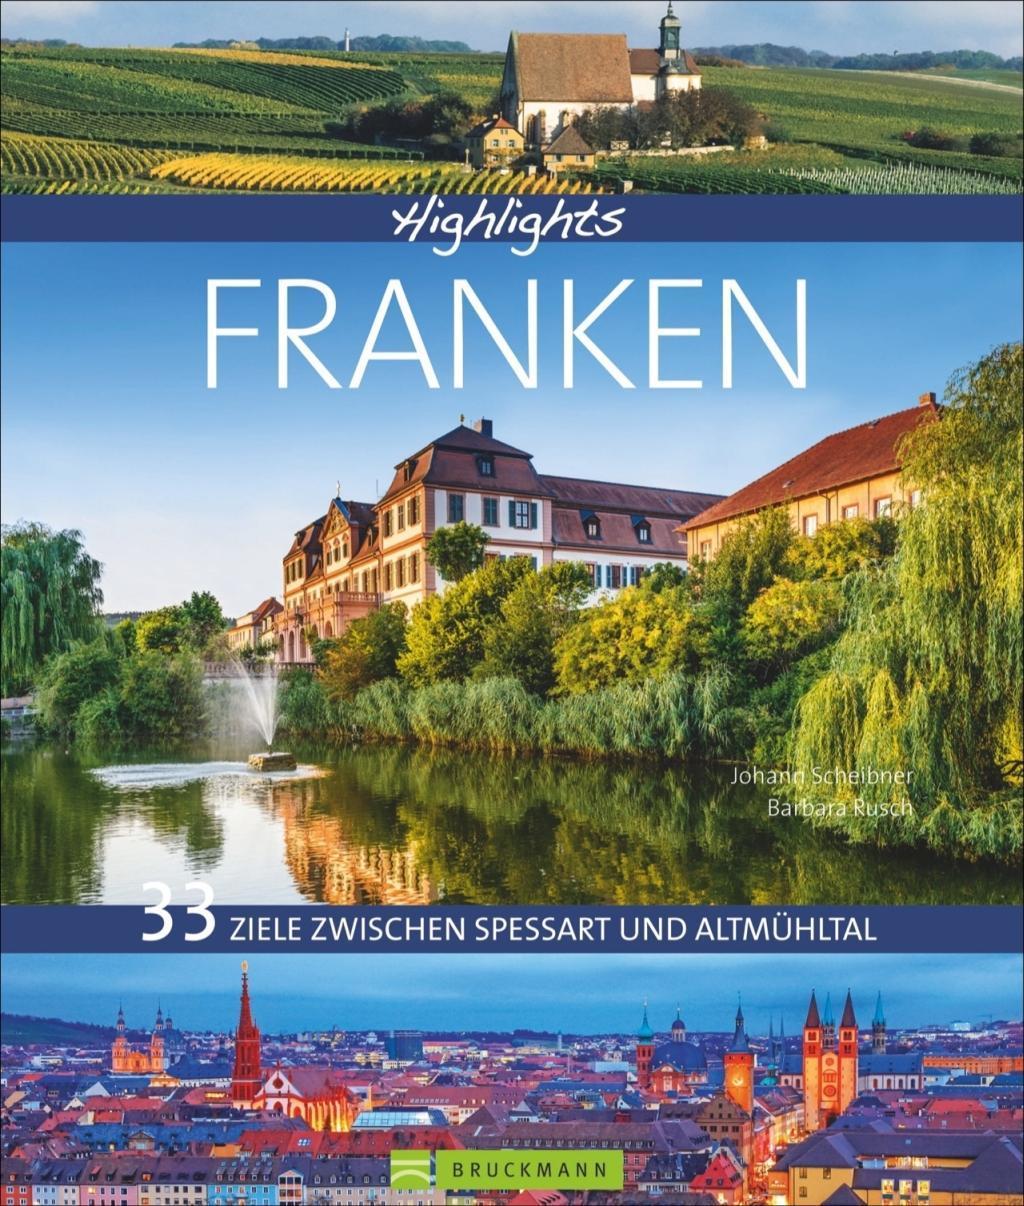 Highlights Franken - 33 Ziele zwischen Spessart und Altmühltal